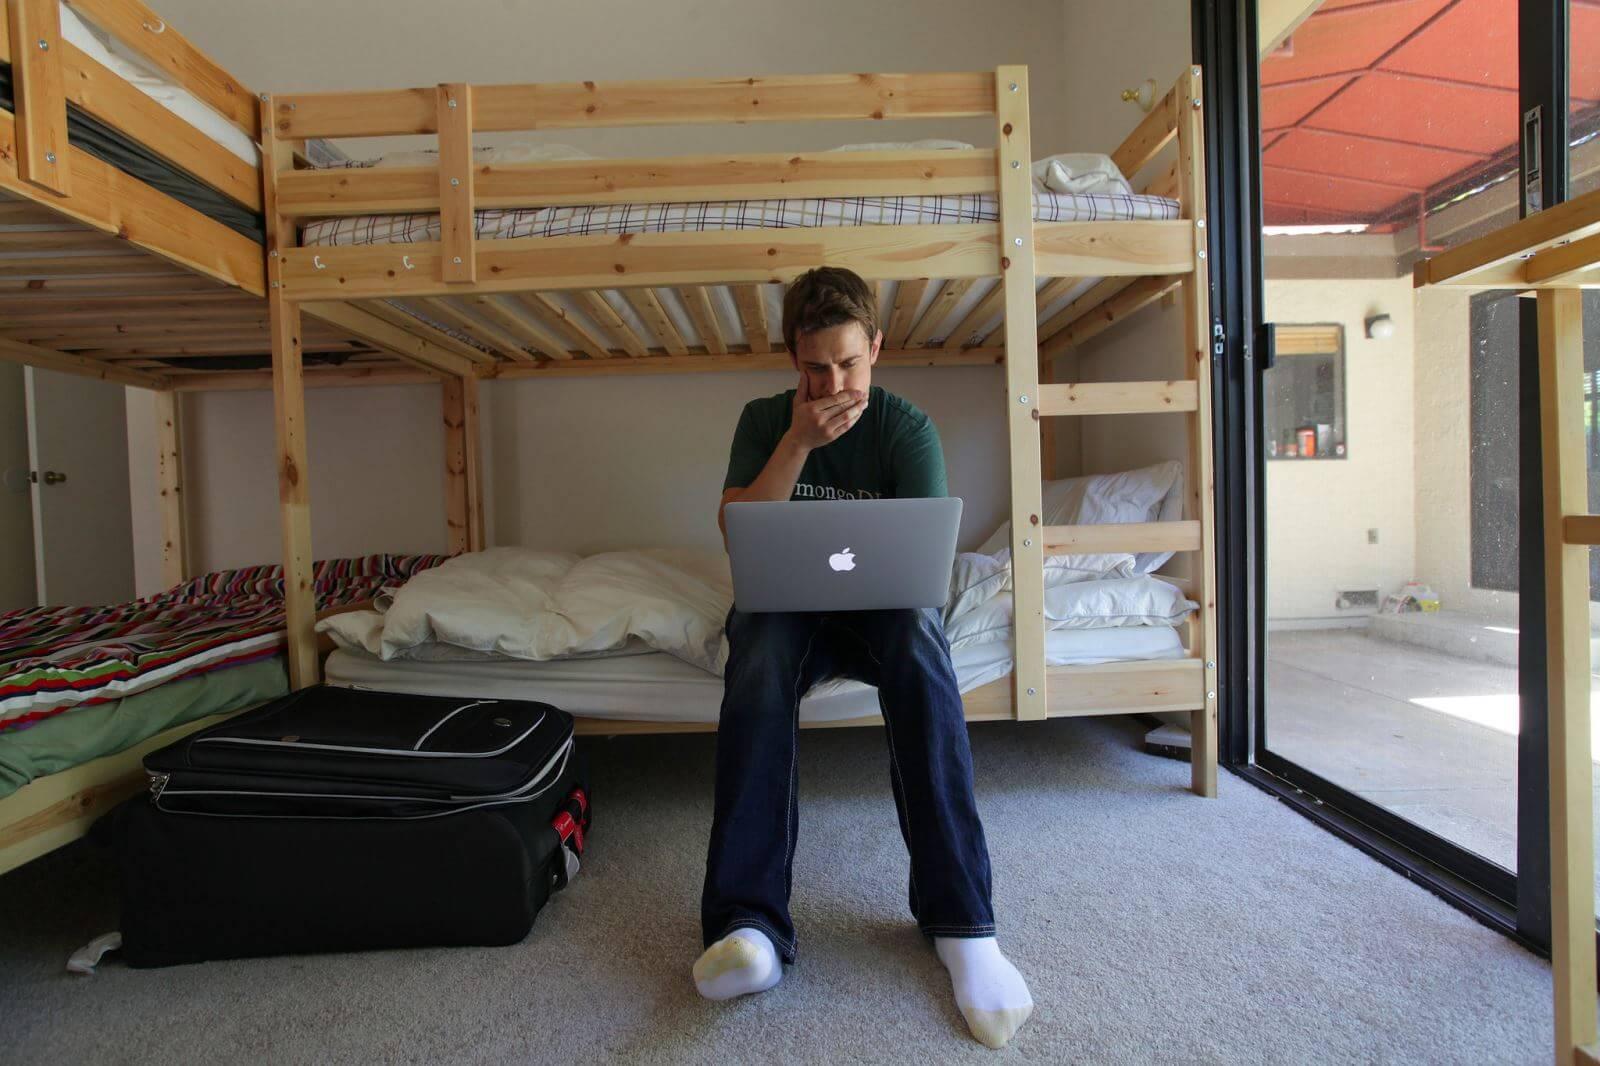 Với hệ thống Hotel Booking System hỗ trợ hữu ích cho khách sạn